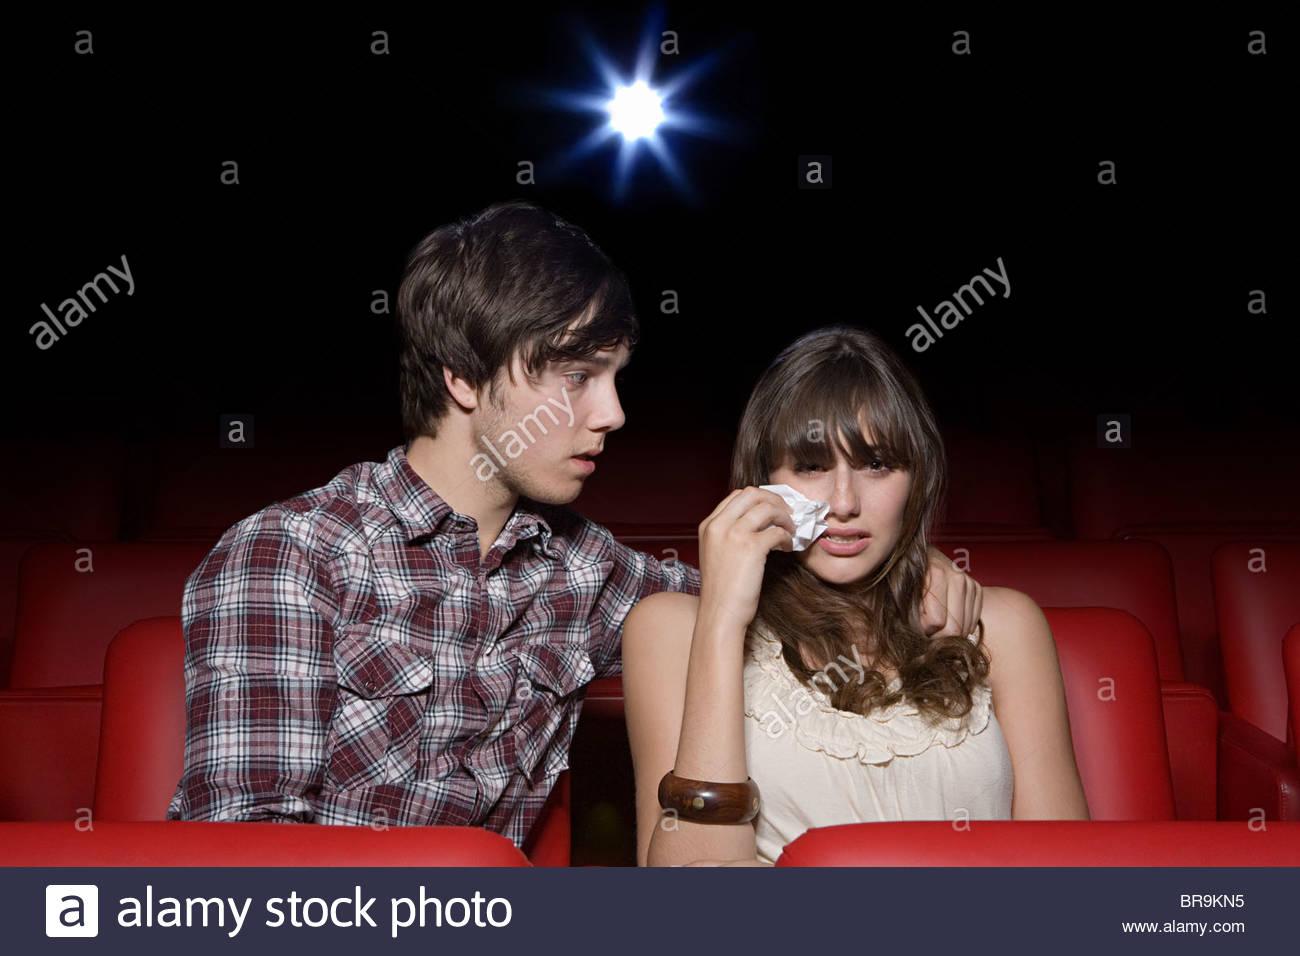 Jeune couple dans la salle de cinéma, tant pleurer Photo Stock